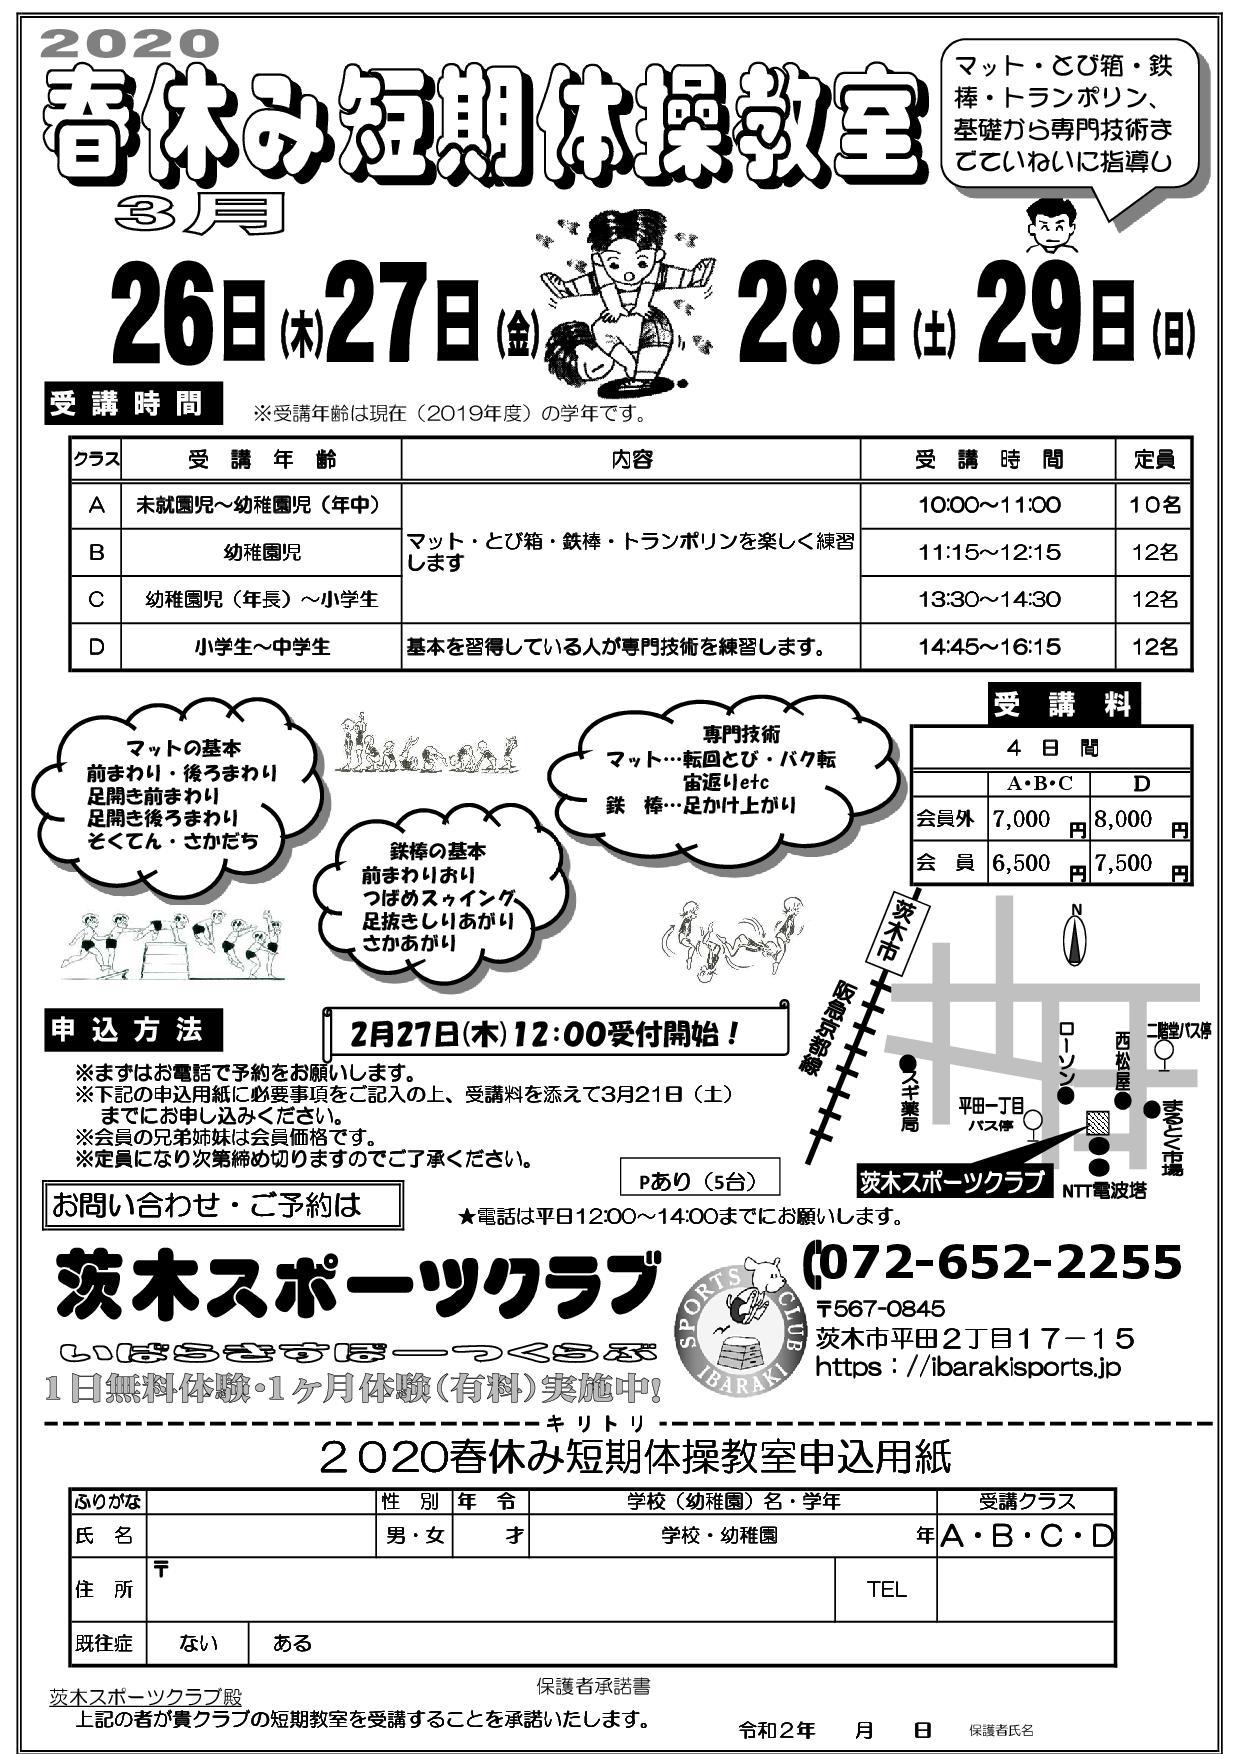 2020春休み短期教室開催!